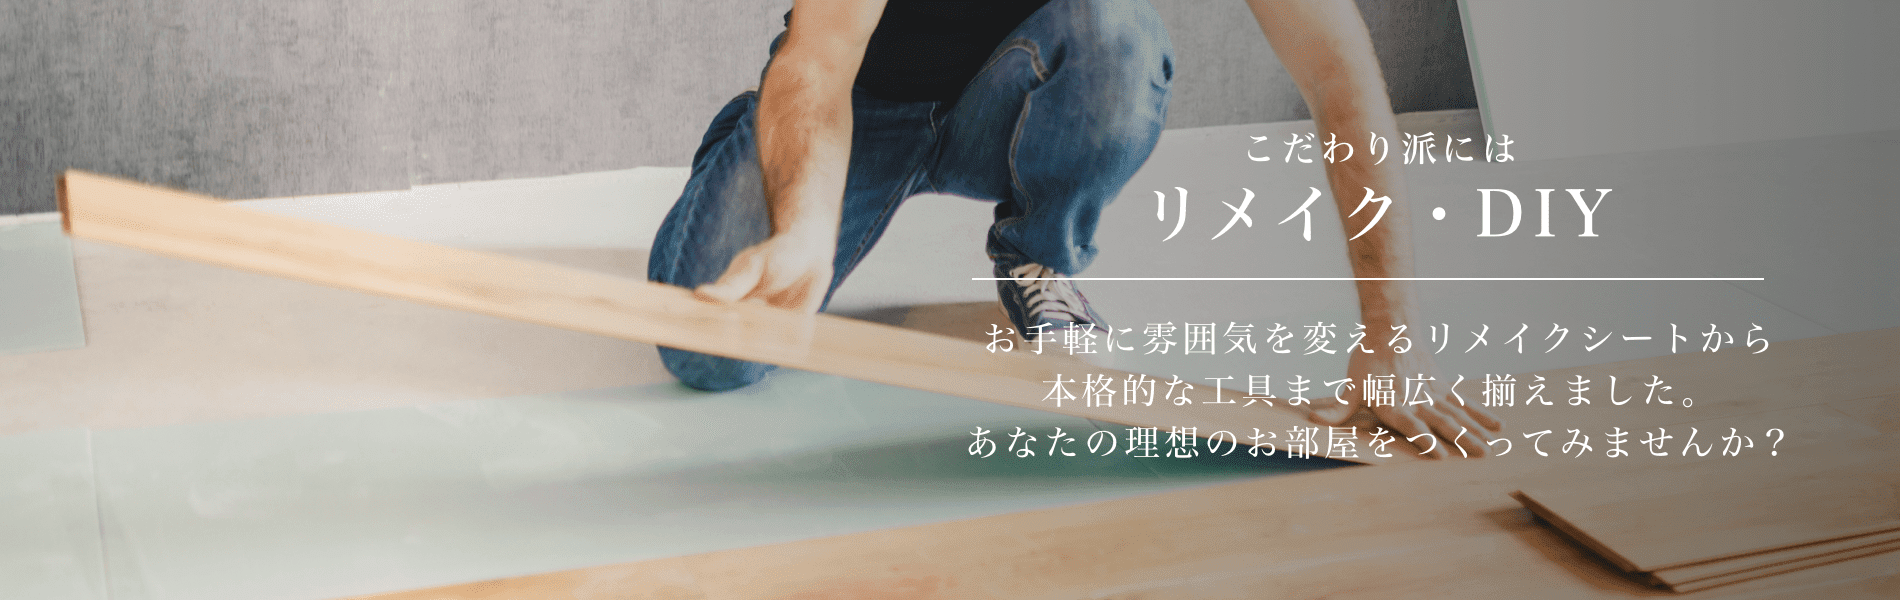 リメイク・DIY